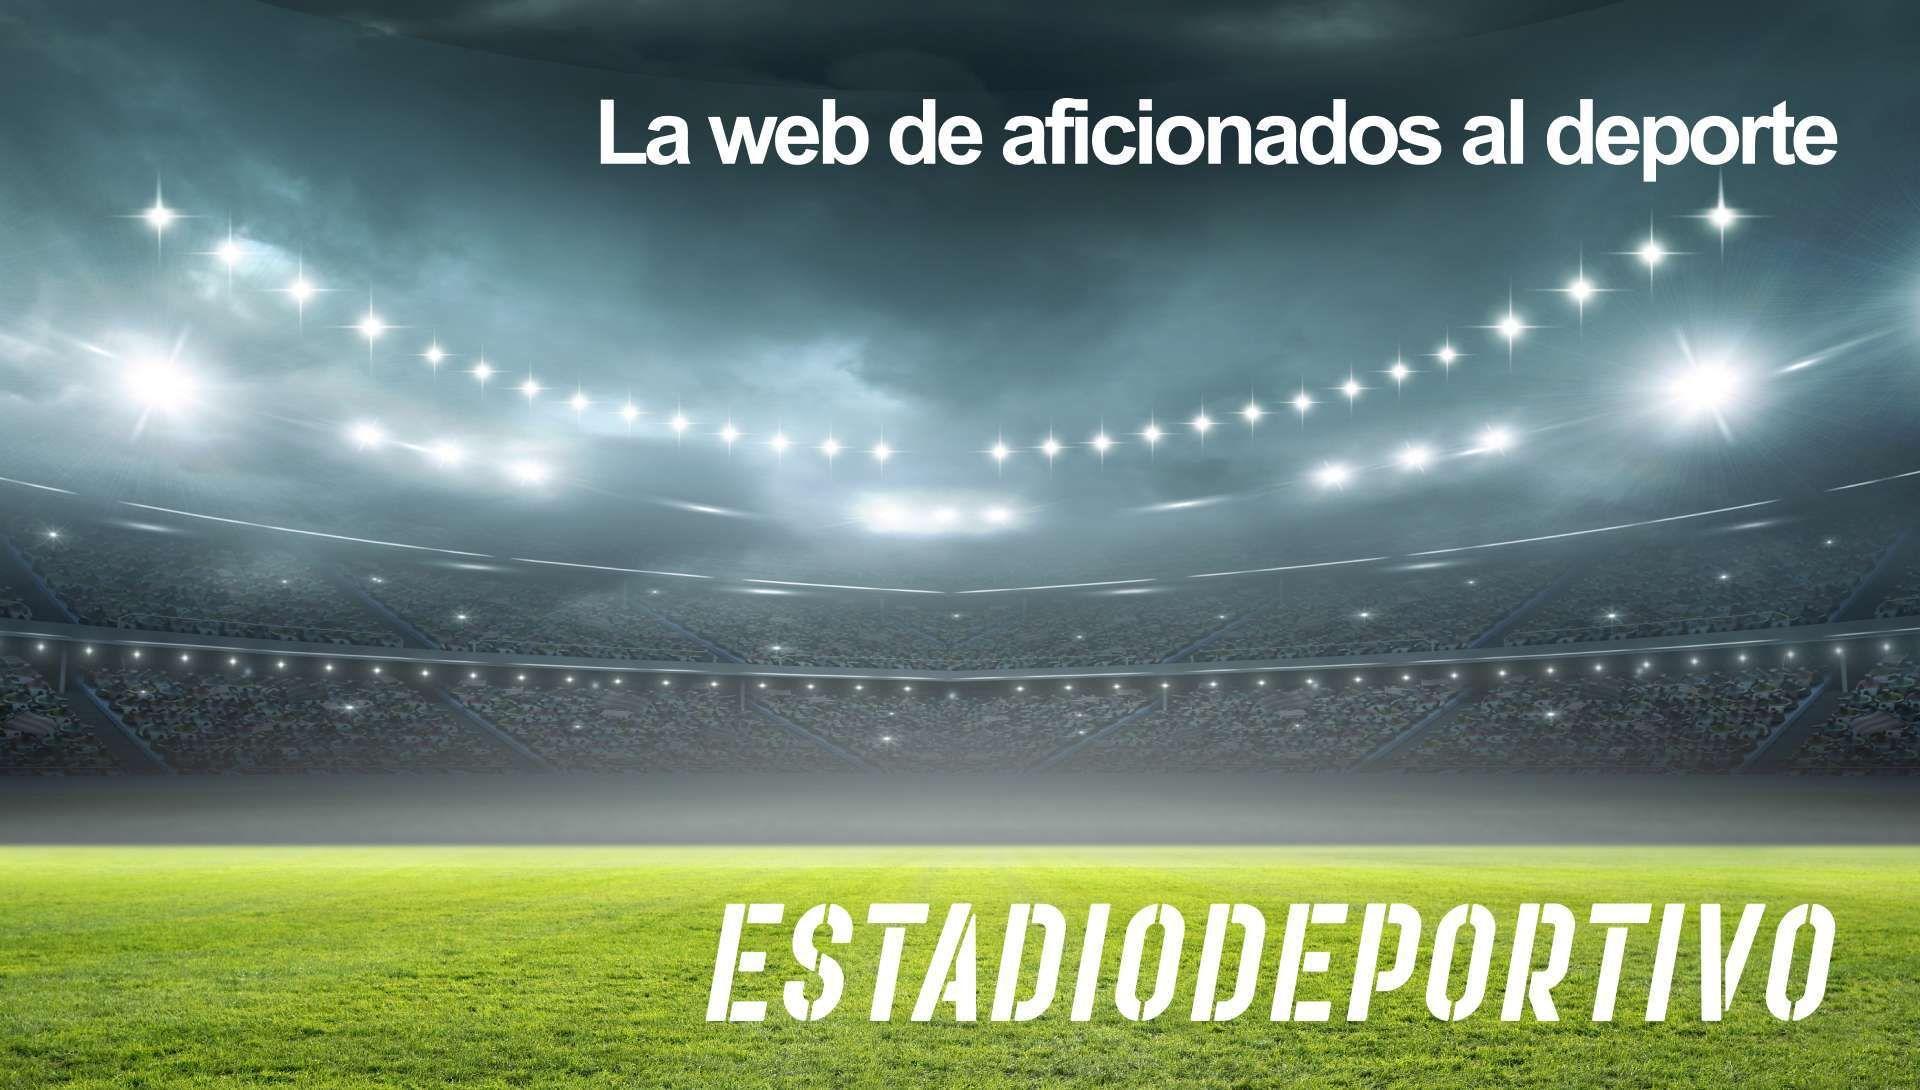 Las portadas del lunes 2 de octubre